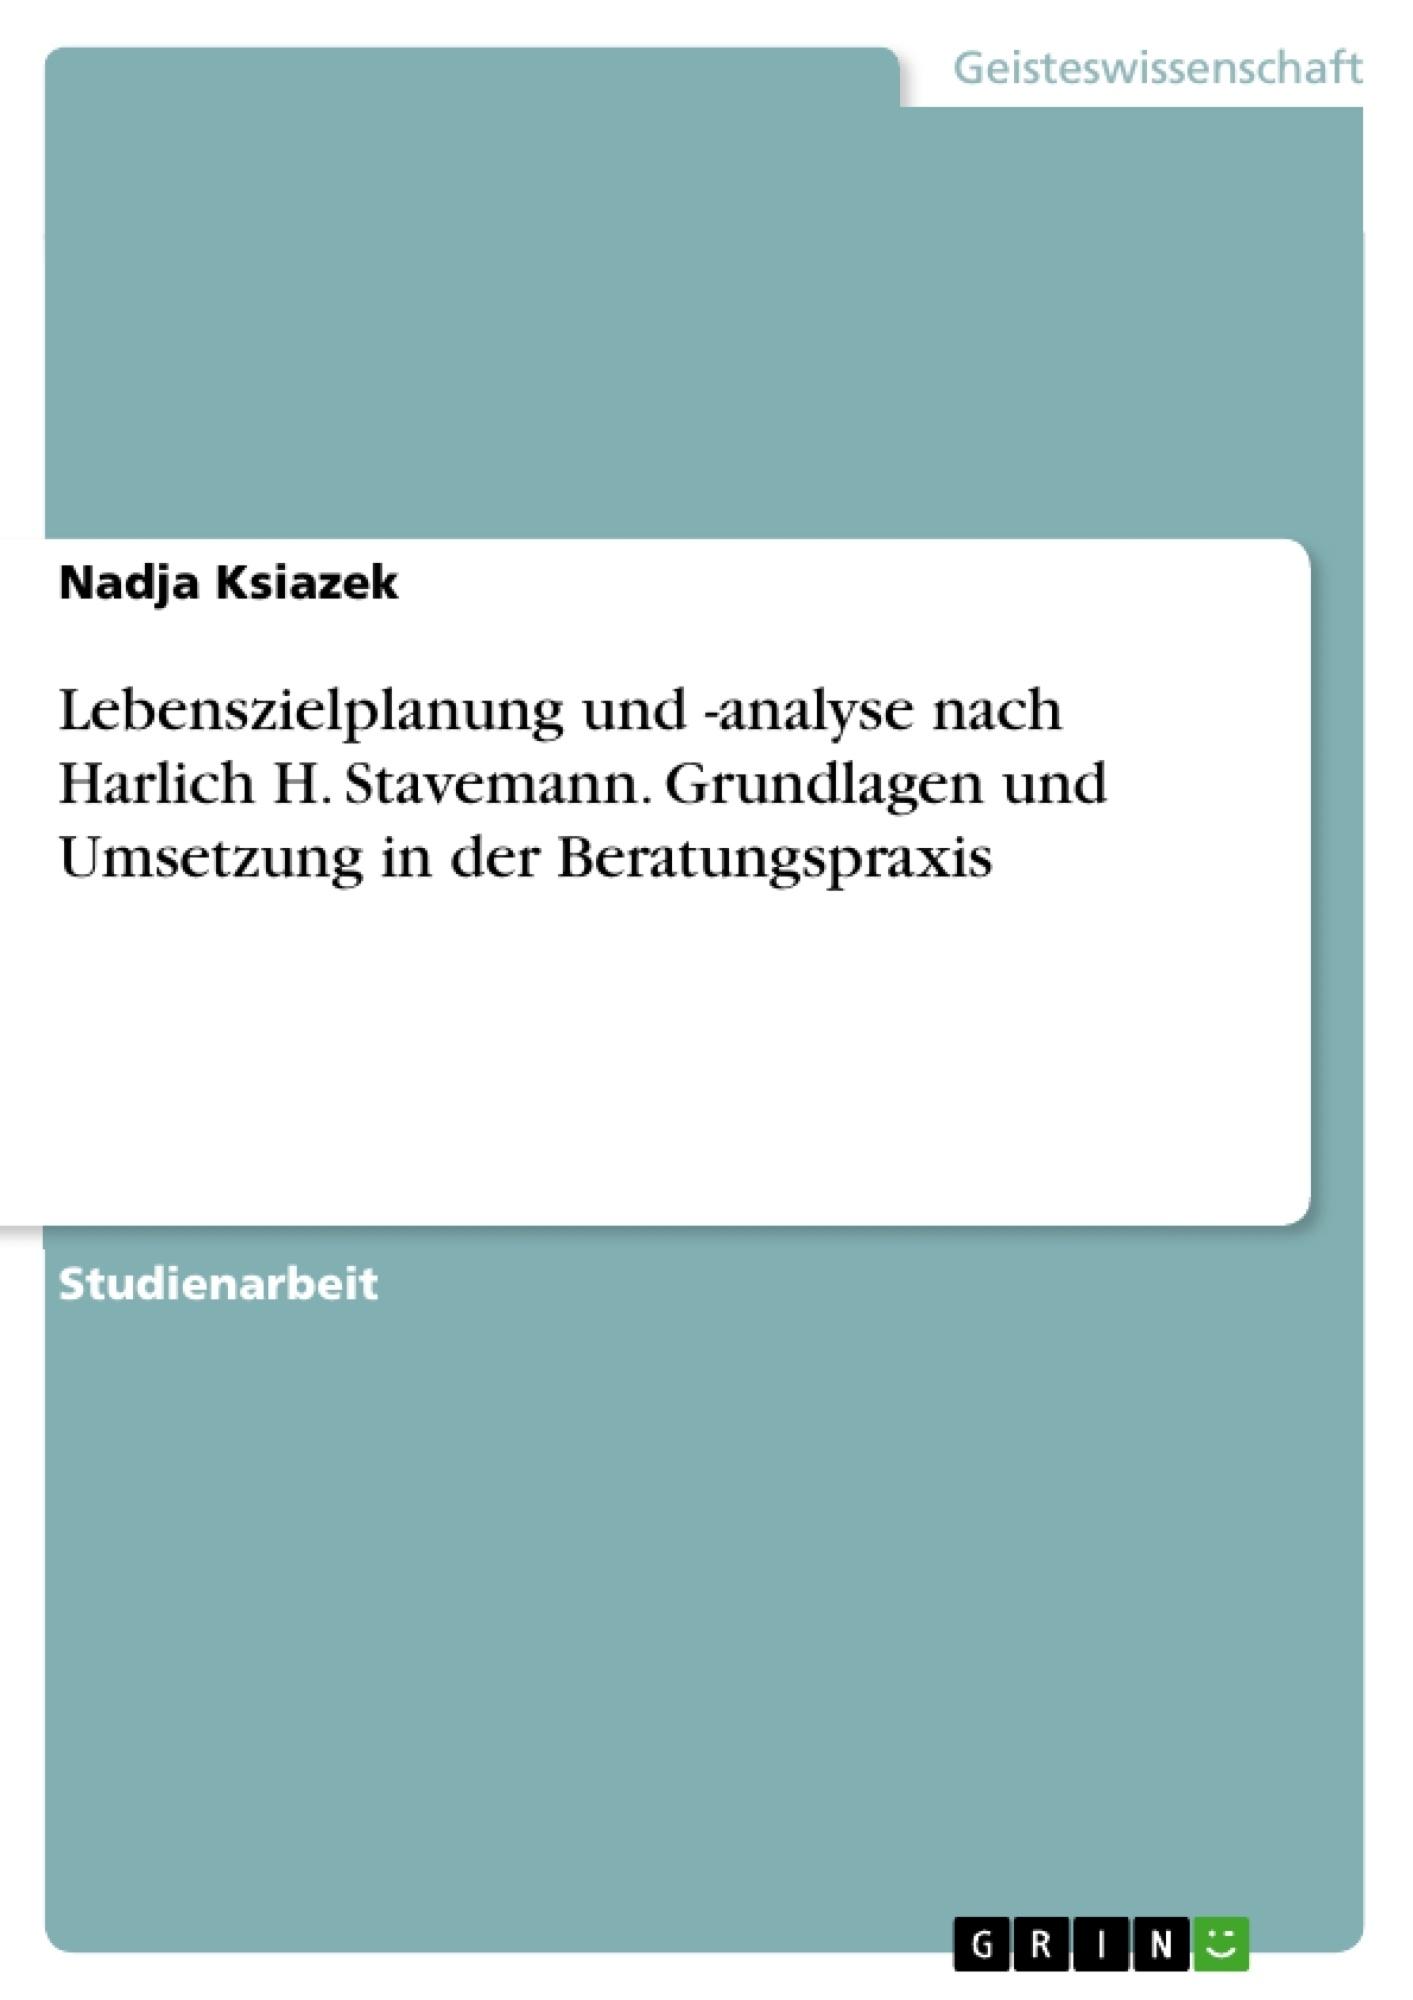 Lebenszielplanung und -analyse nach Harlich H. Stavemann ...